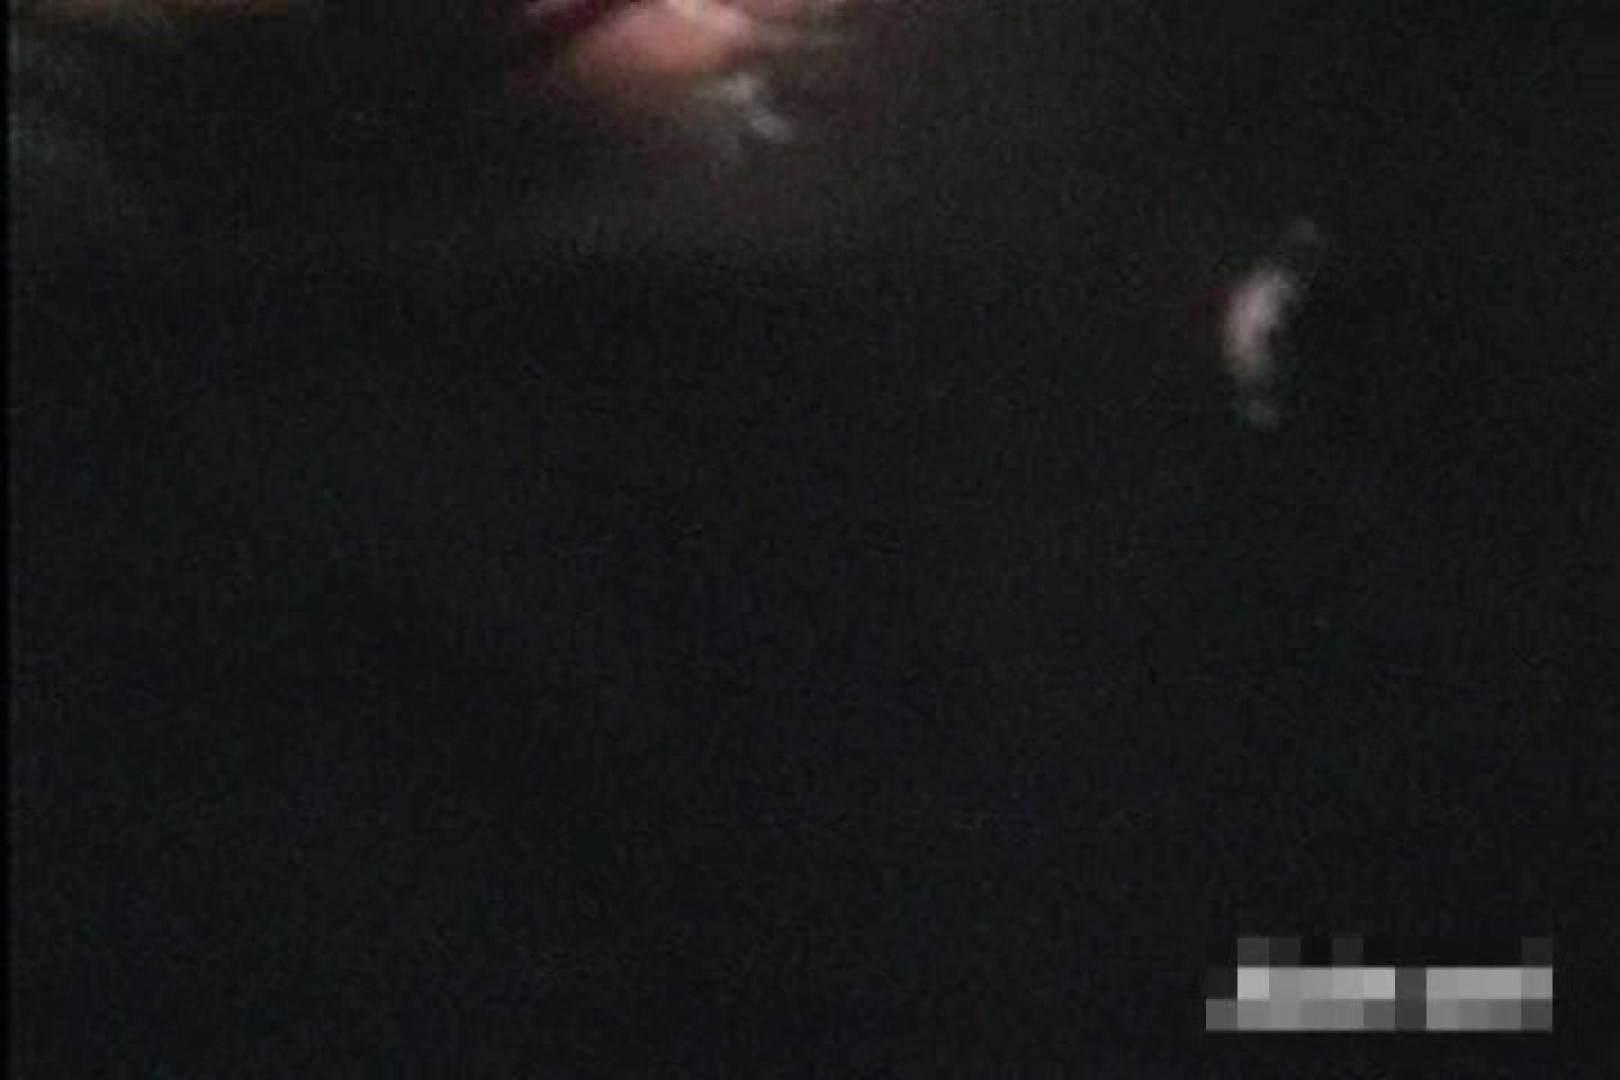 激撮ストーカー記録あなたのお宅拝見しますVol.1 ハプニング ワレメ無修正動画無料 98pic 22